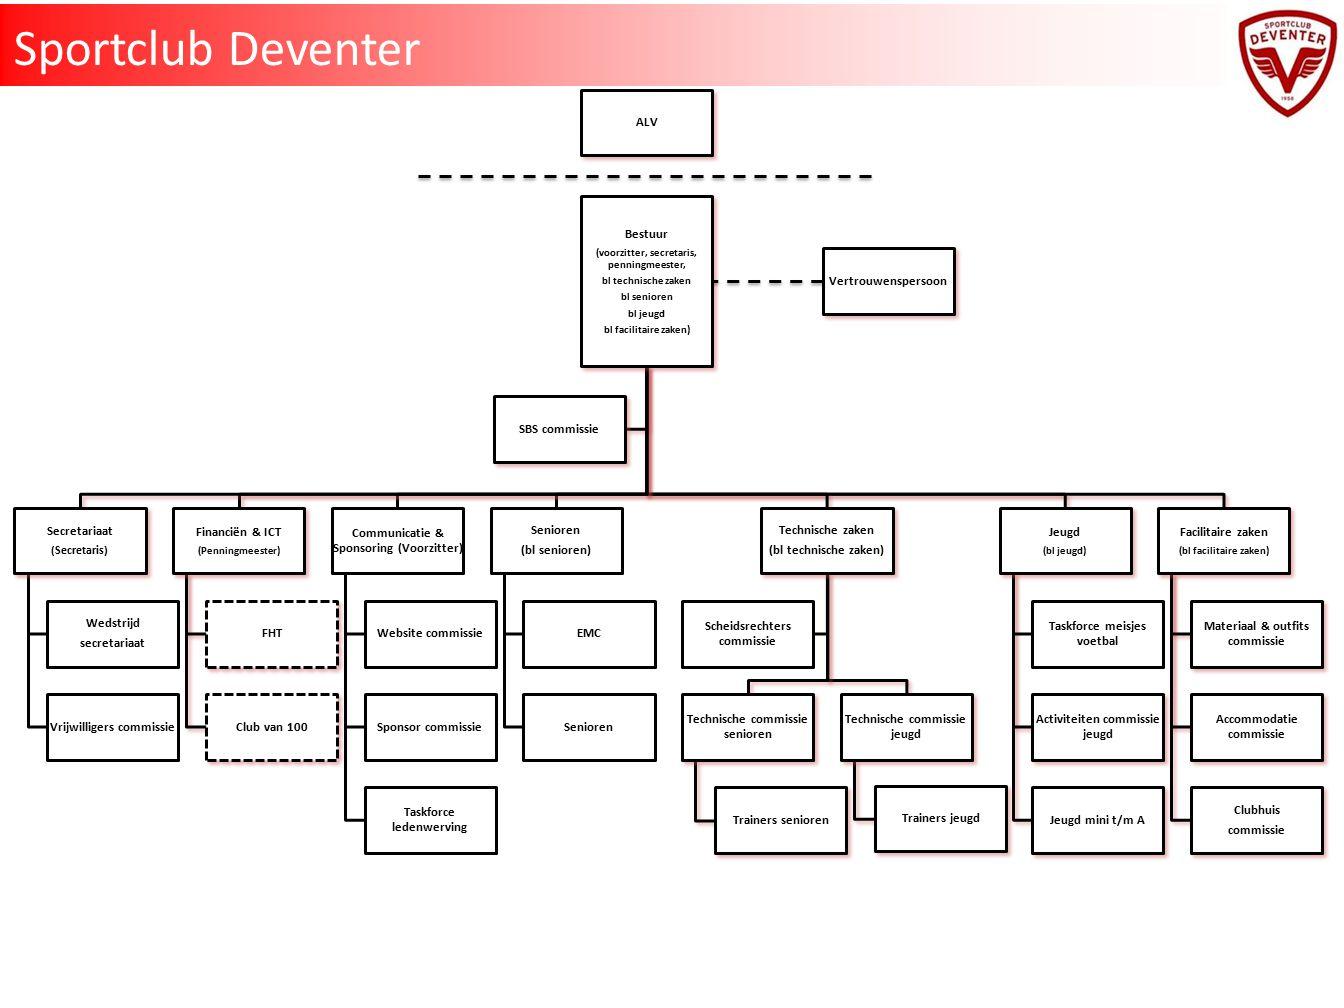 Taken, verantwoordelijkheden en bevoegdheden Sportclub Deventer